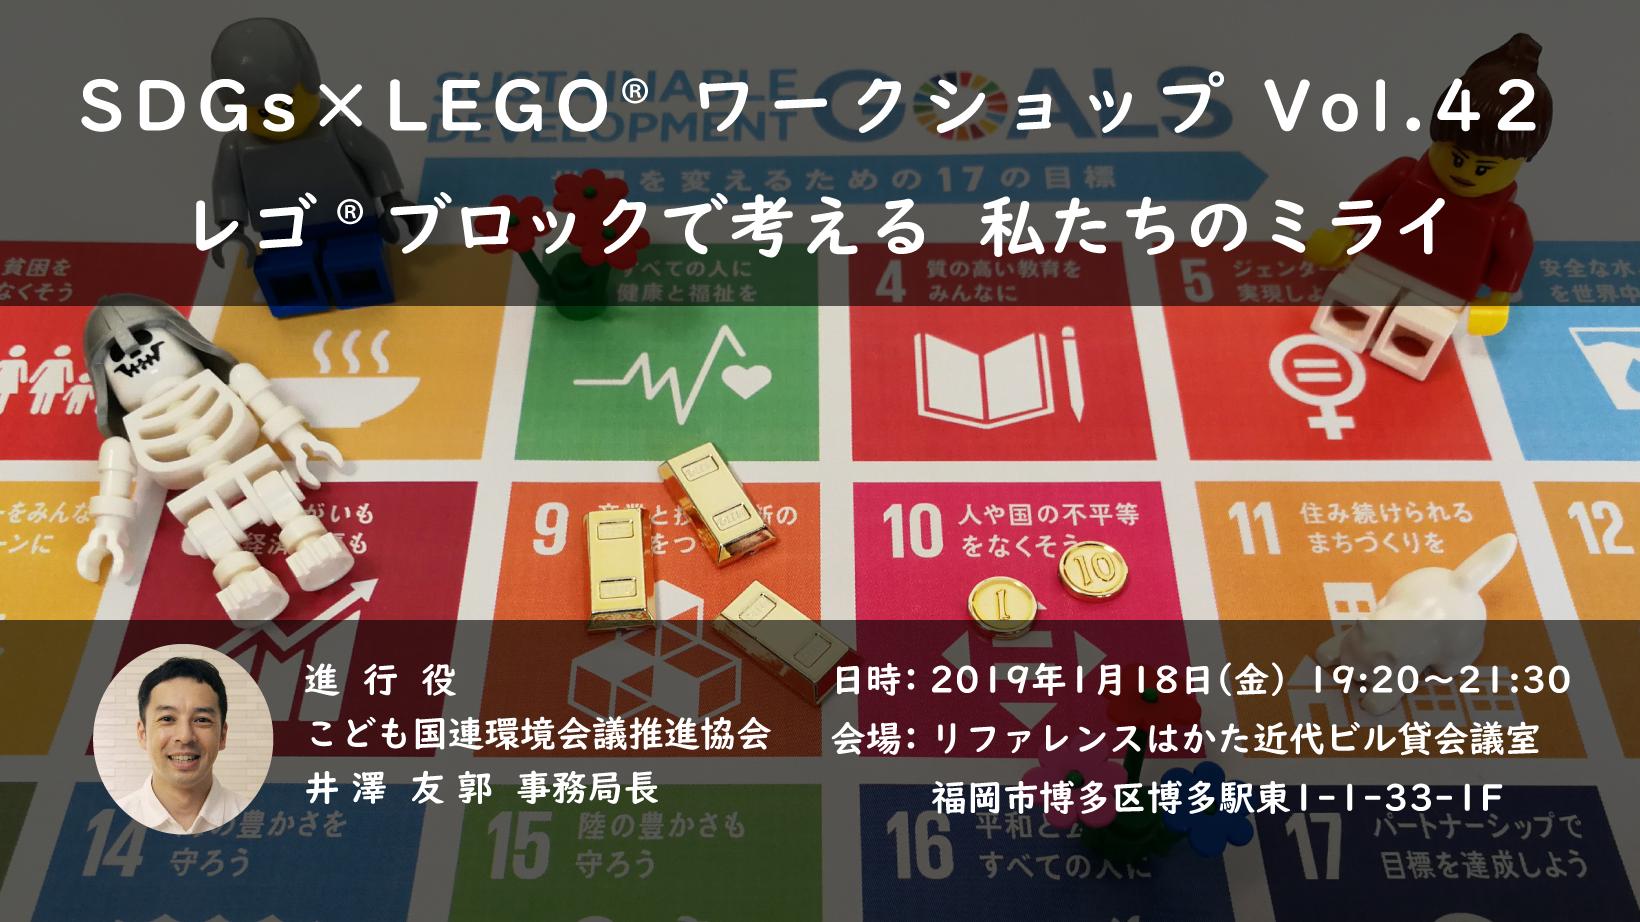 【キャンセル待ち】福岡開催 SDGs×LEGO:レゴ ブロックで考える、私たちのミライ